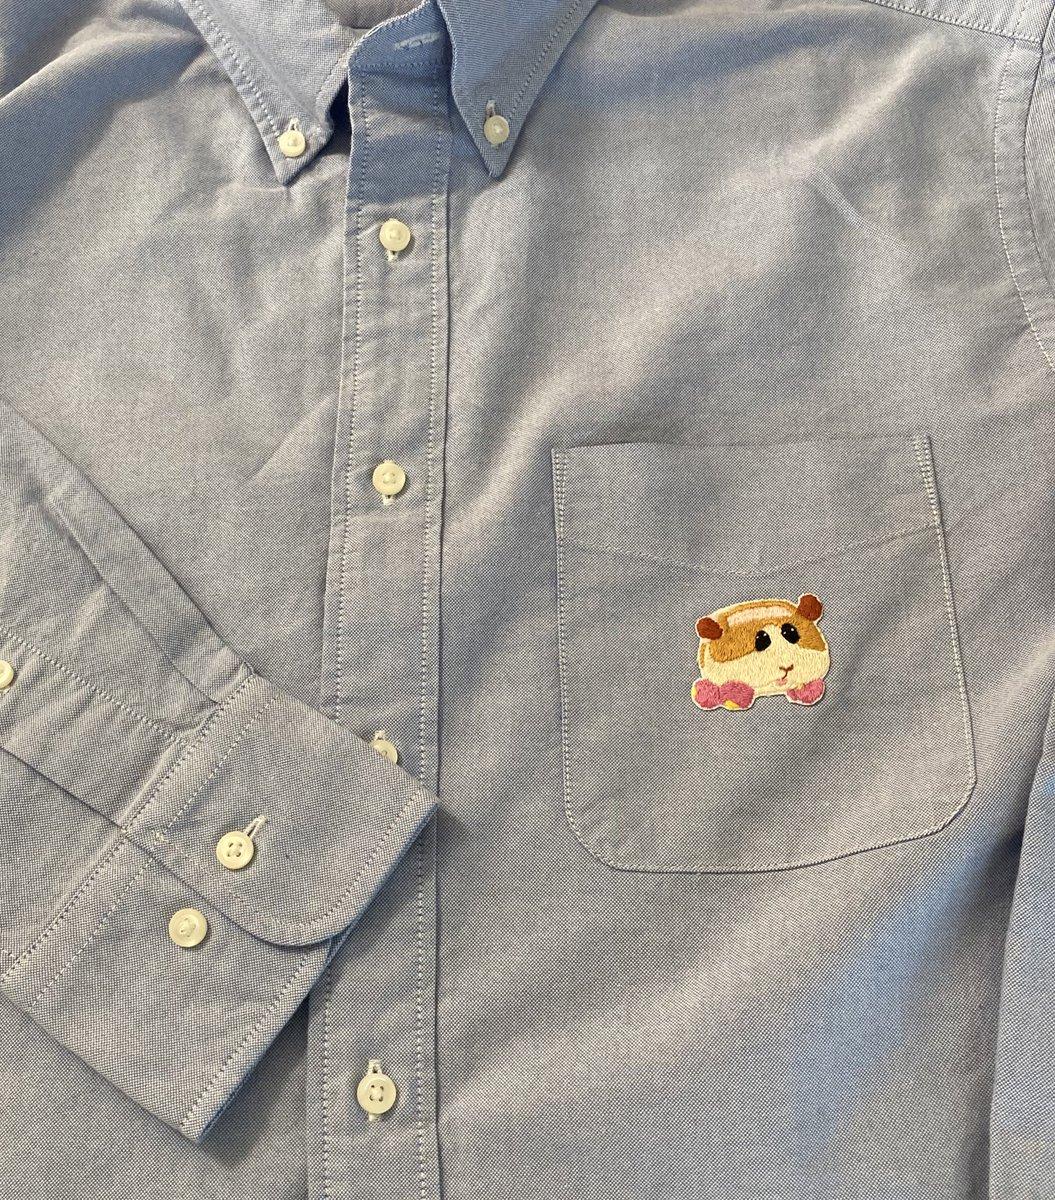 奥さんの手によりシャツがカスタマイズされていた… #モルカー